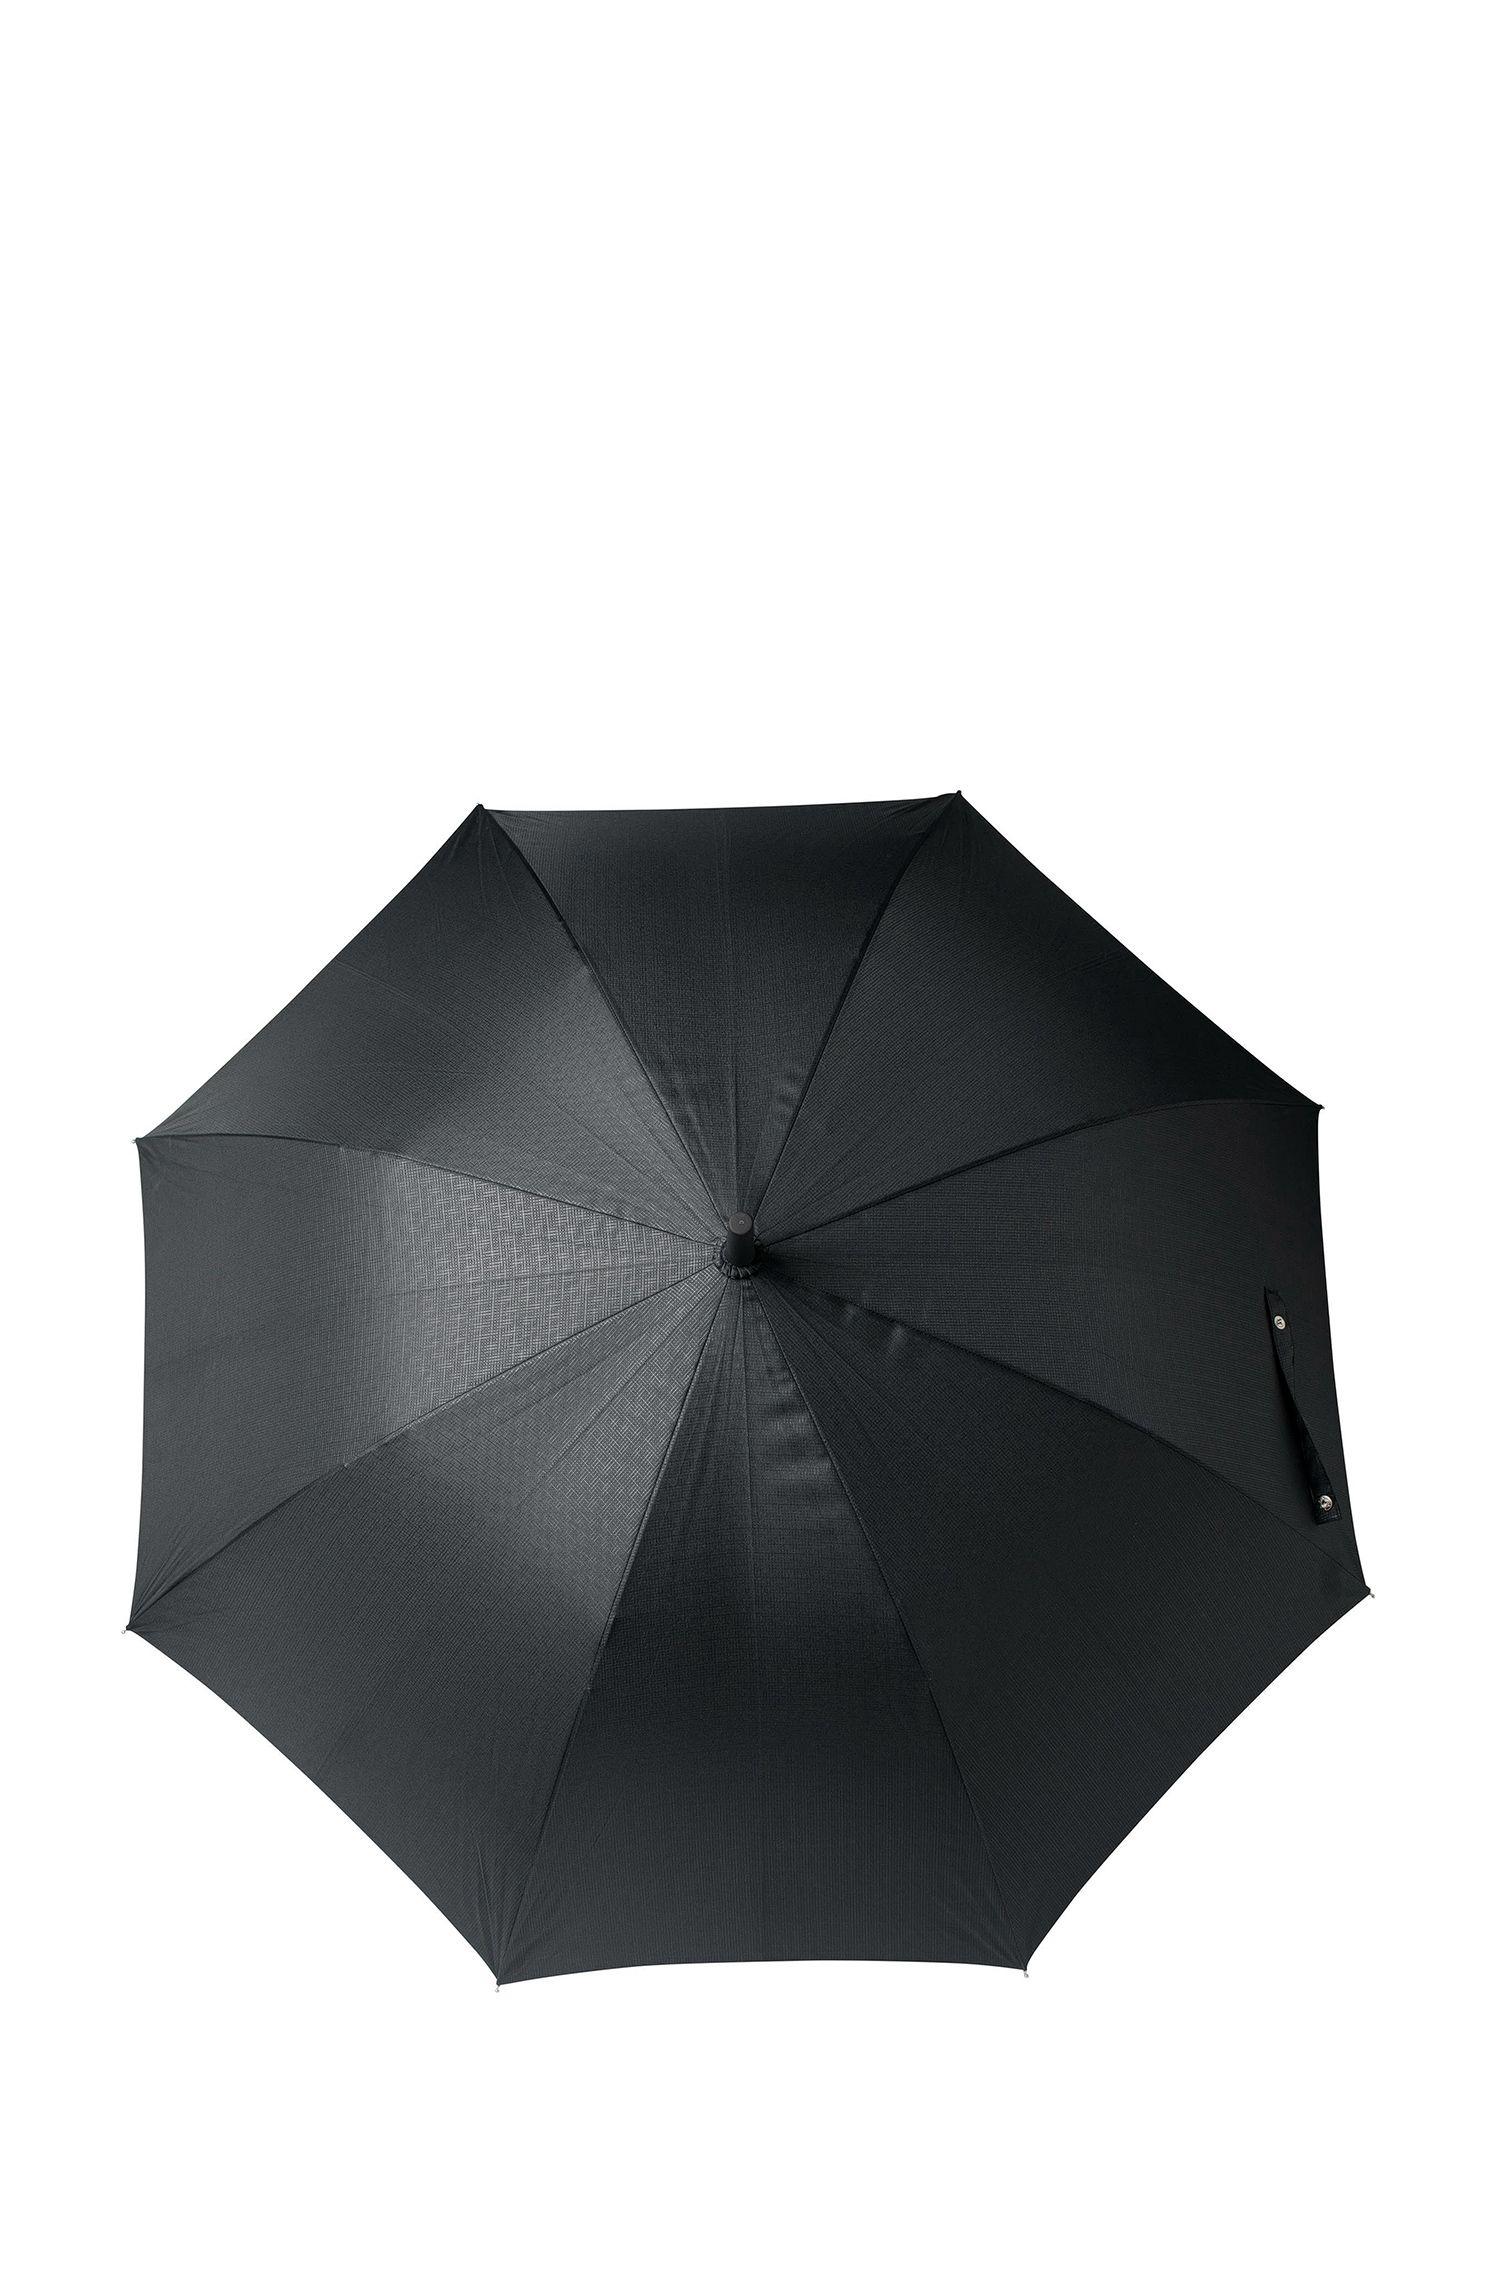 Golfparaplu met zwart dessin en frame van glasvezel, Zwart